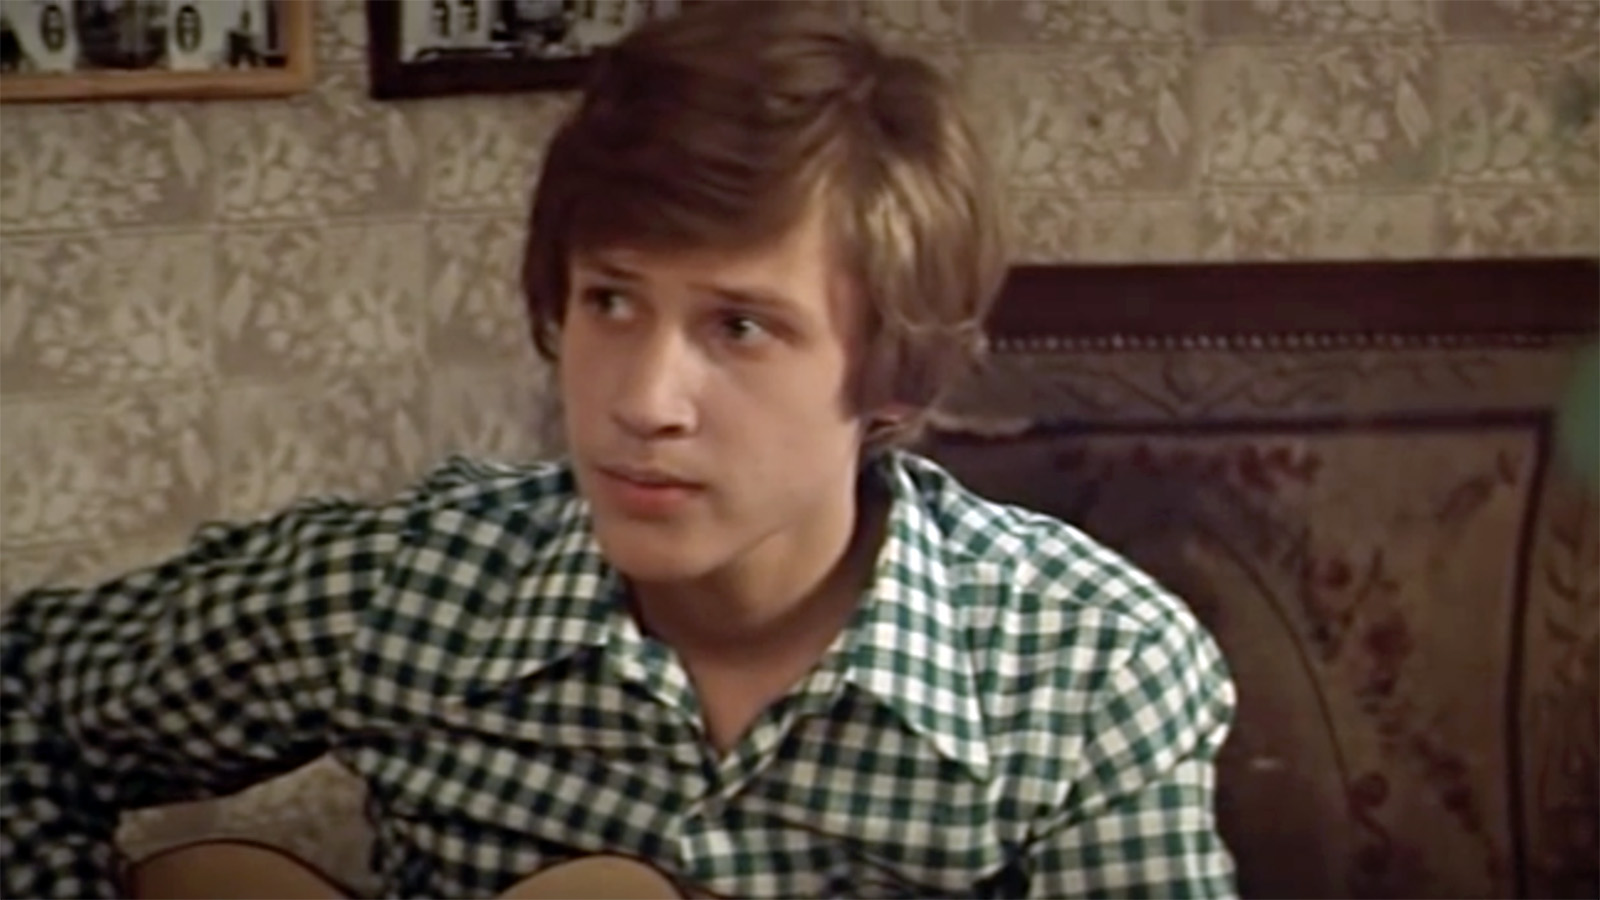 Дмитрий Харатьян (1960), народный артист РФ, в кино попал случайно. Пришел на съемки фильма о школе, чтобы поддержать подругу Галю, мечтавшую стать актрисой, а режиссер Владимир Меньшов пригласил его на главную роль. В фильме «Розыгрыш » Дмитрий сыграл романтического юношу с гитарой Игоря Грушко и спел песню «Когда уйдем со школьного двора», ставшую хитом. В 1977-м состоялась премьера фильма, и 17-летний юноша проснулся знаменитым. Позже были «Гардемарины, вперед!» и «Королева Марго». Его герои —романтичные, светлые и смелые.